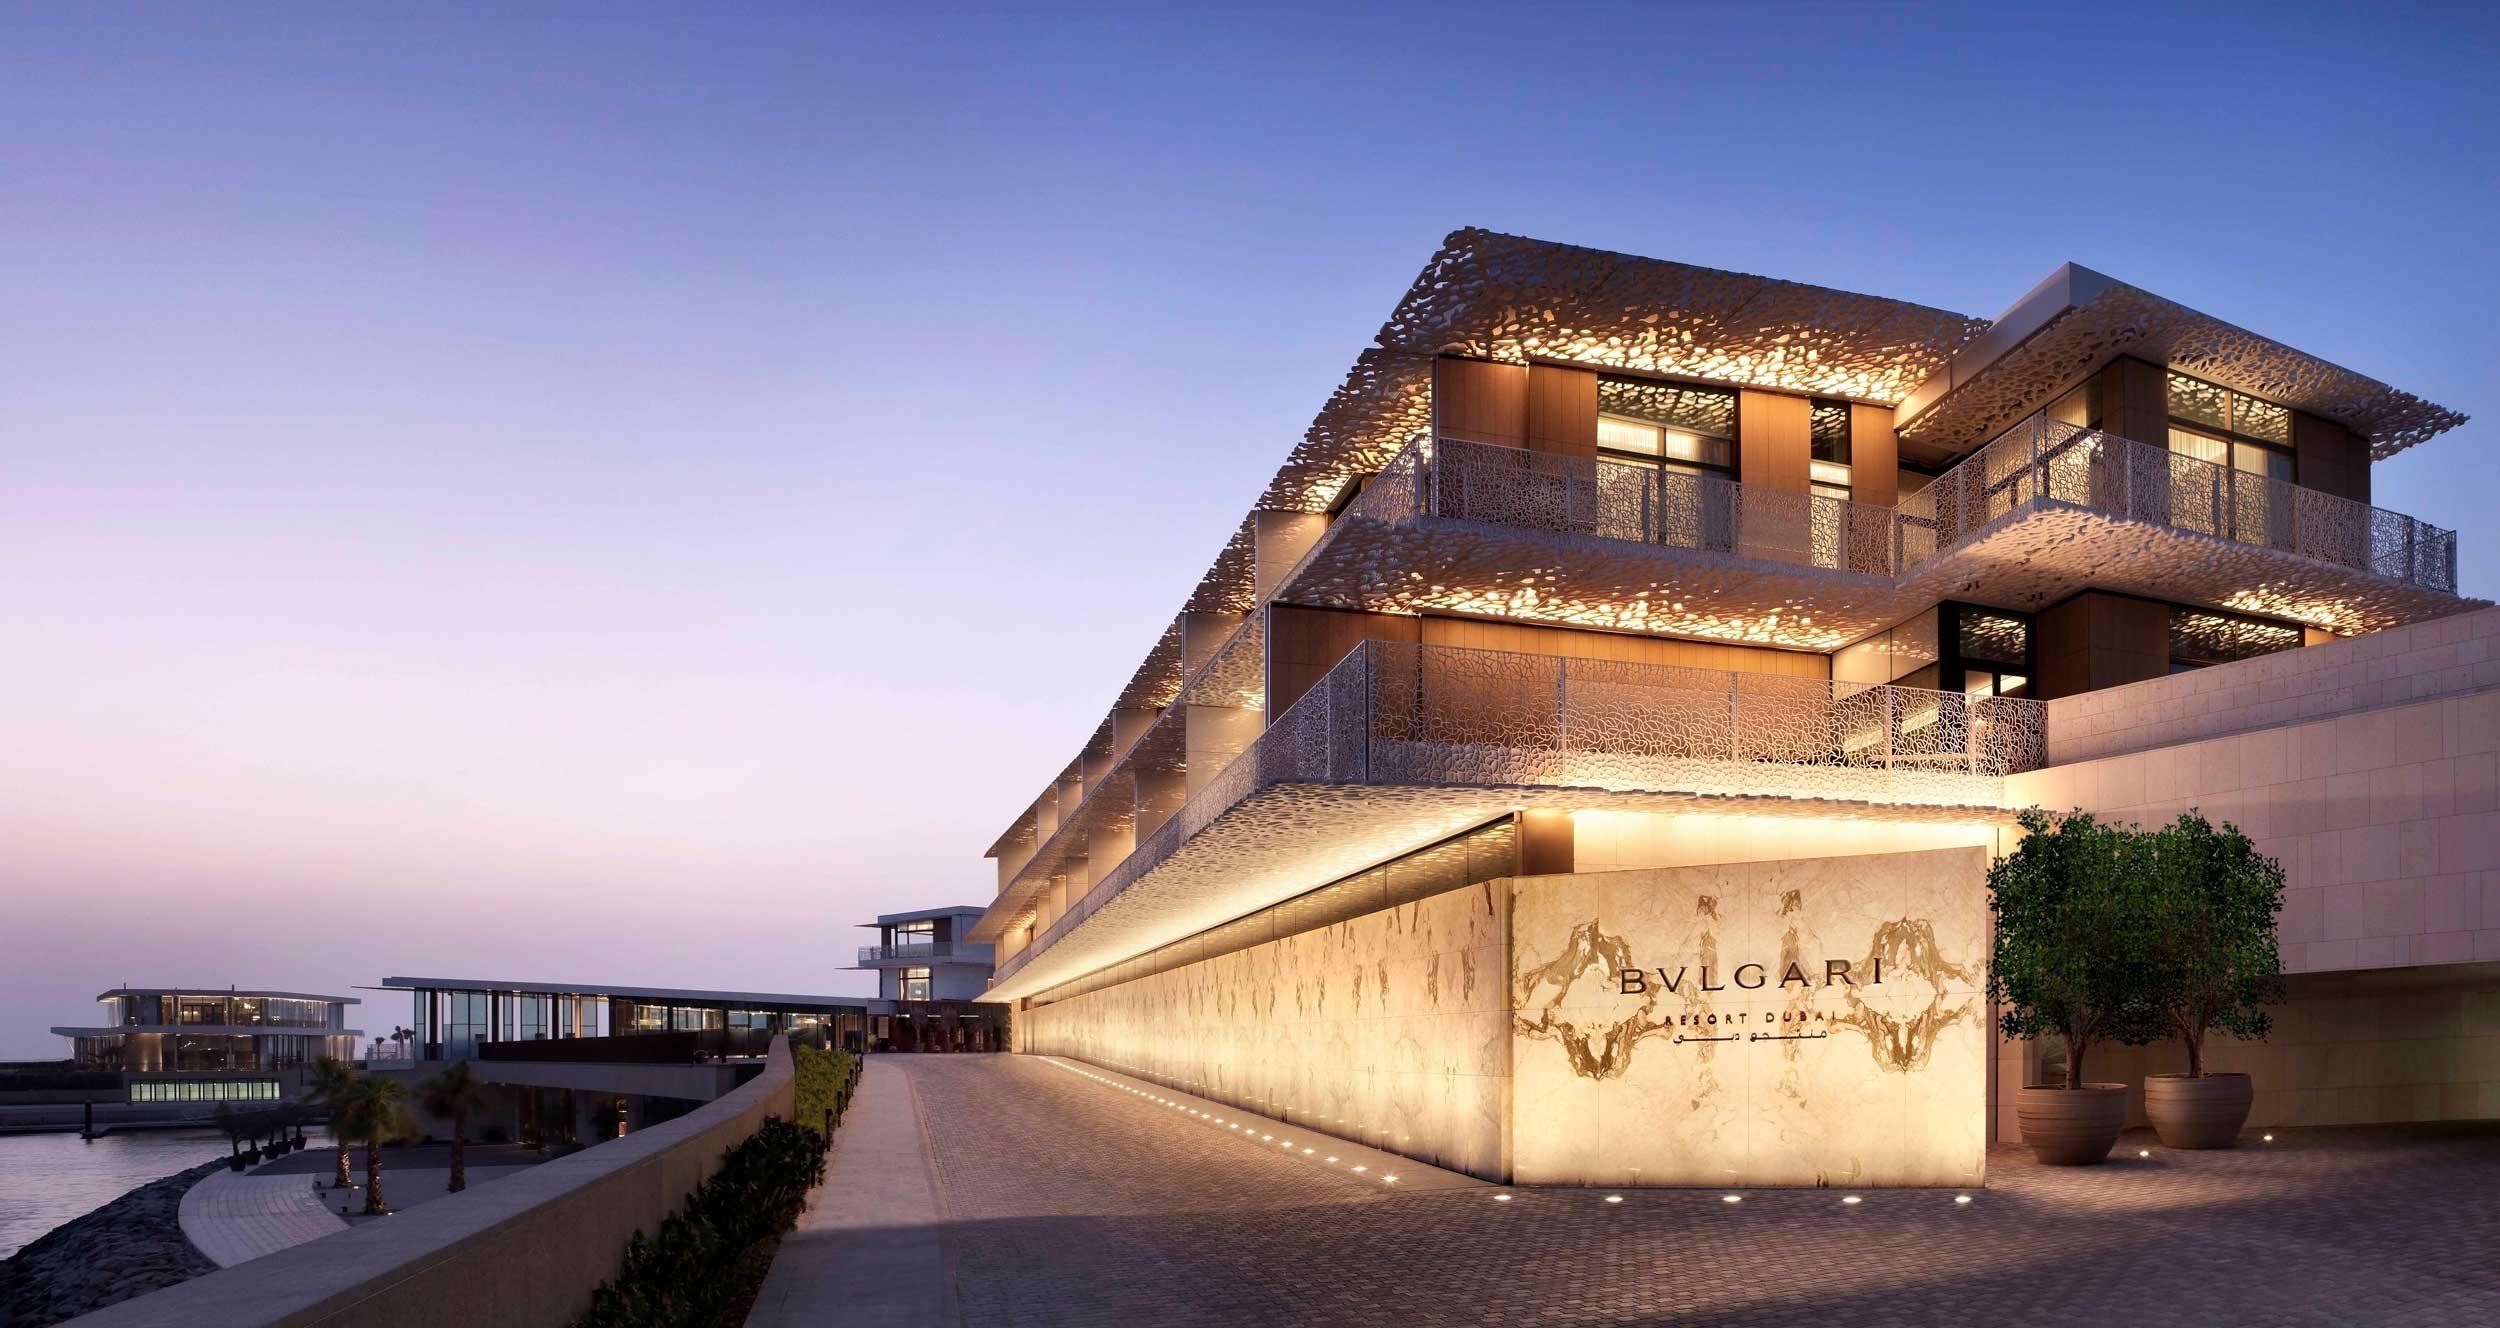 Dubai: City of gold